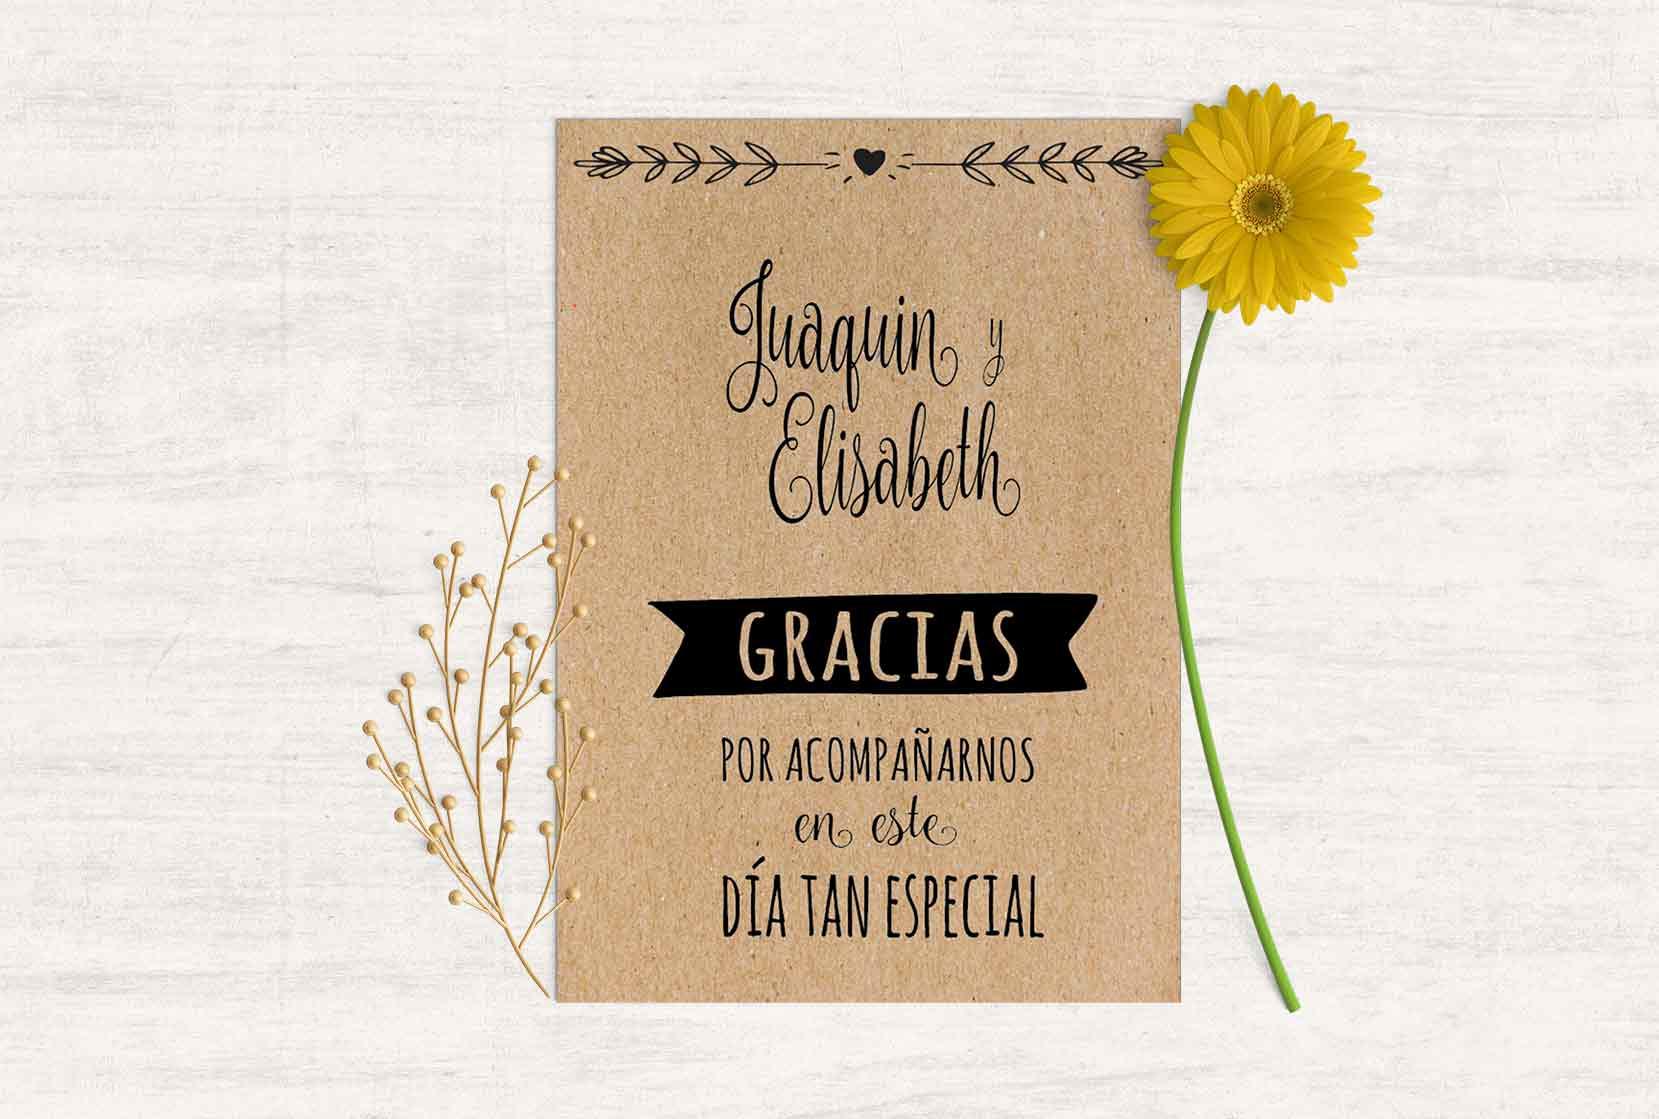 crea tarjetas de agradecimiento personalizadas de forma sencilla